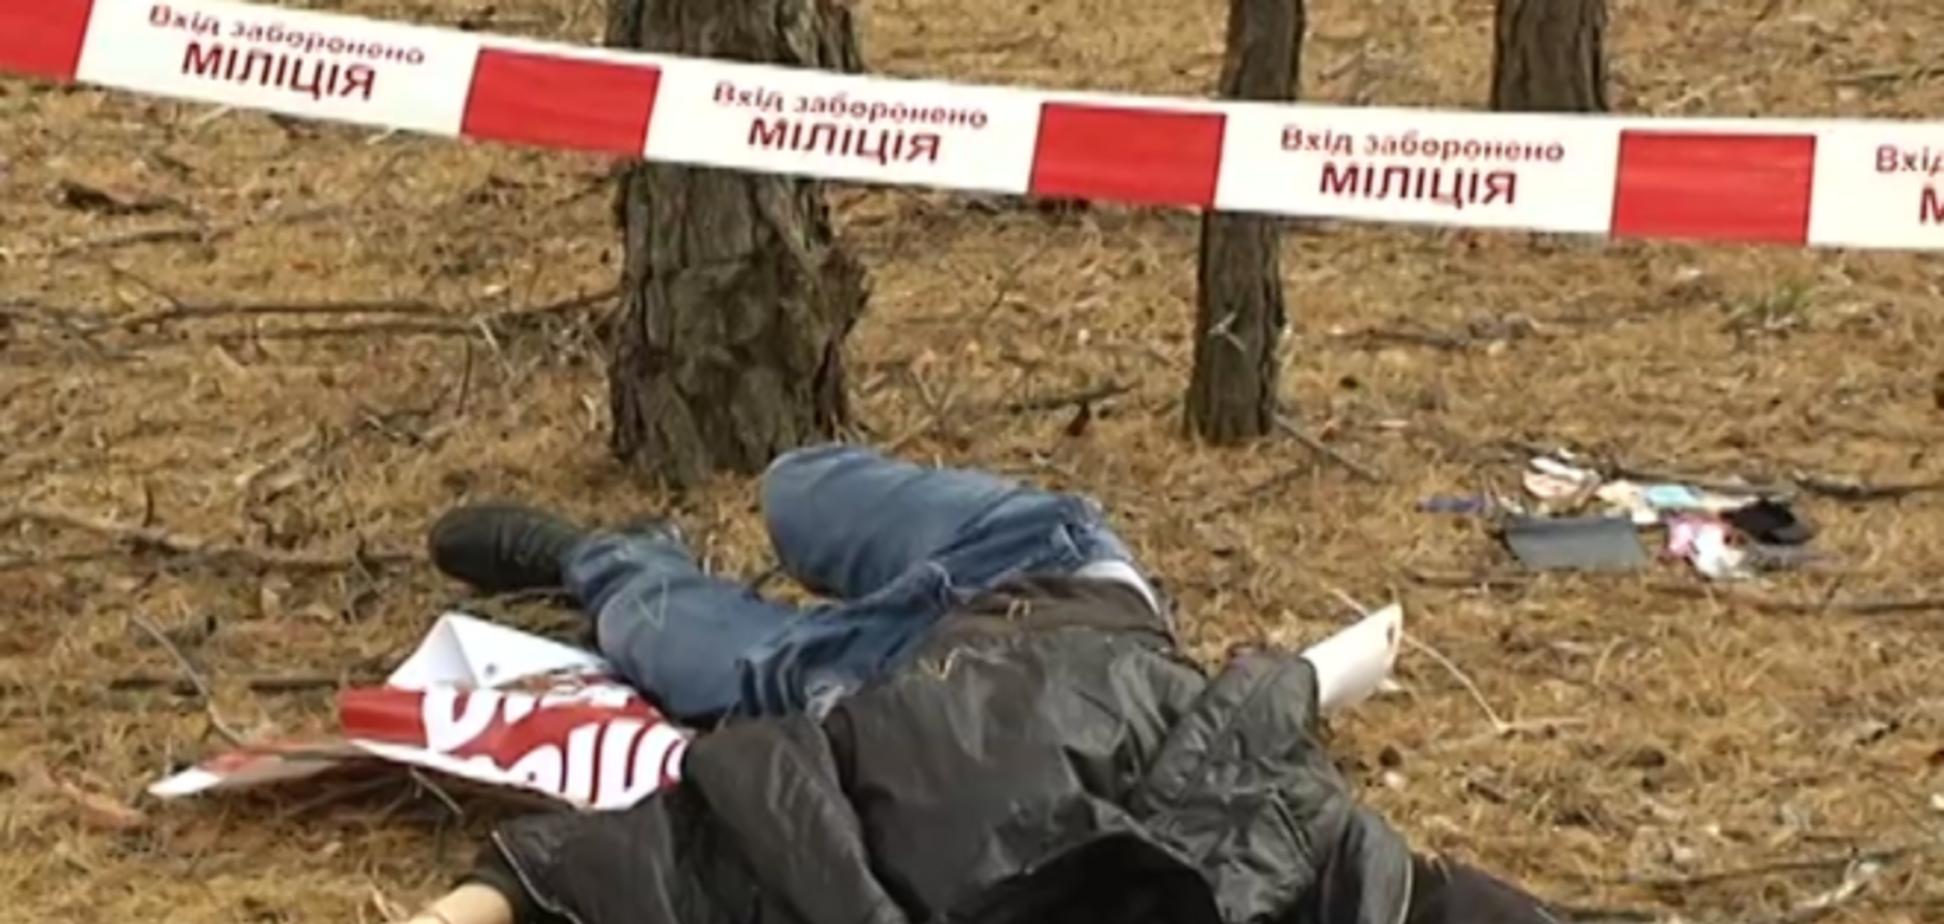 В лесу под Киевом нашли мертвого студента, который лежал на плакате кандидата в Раду